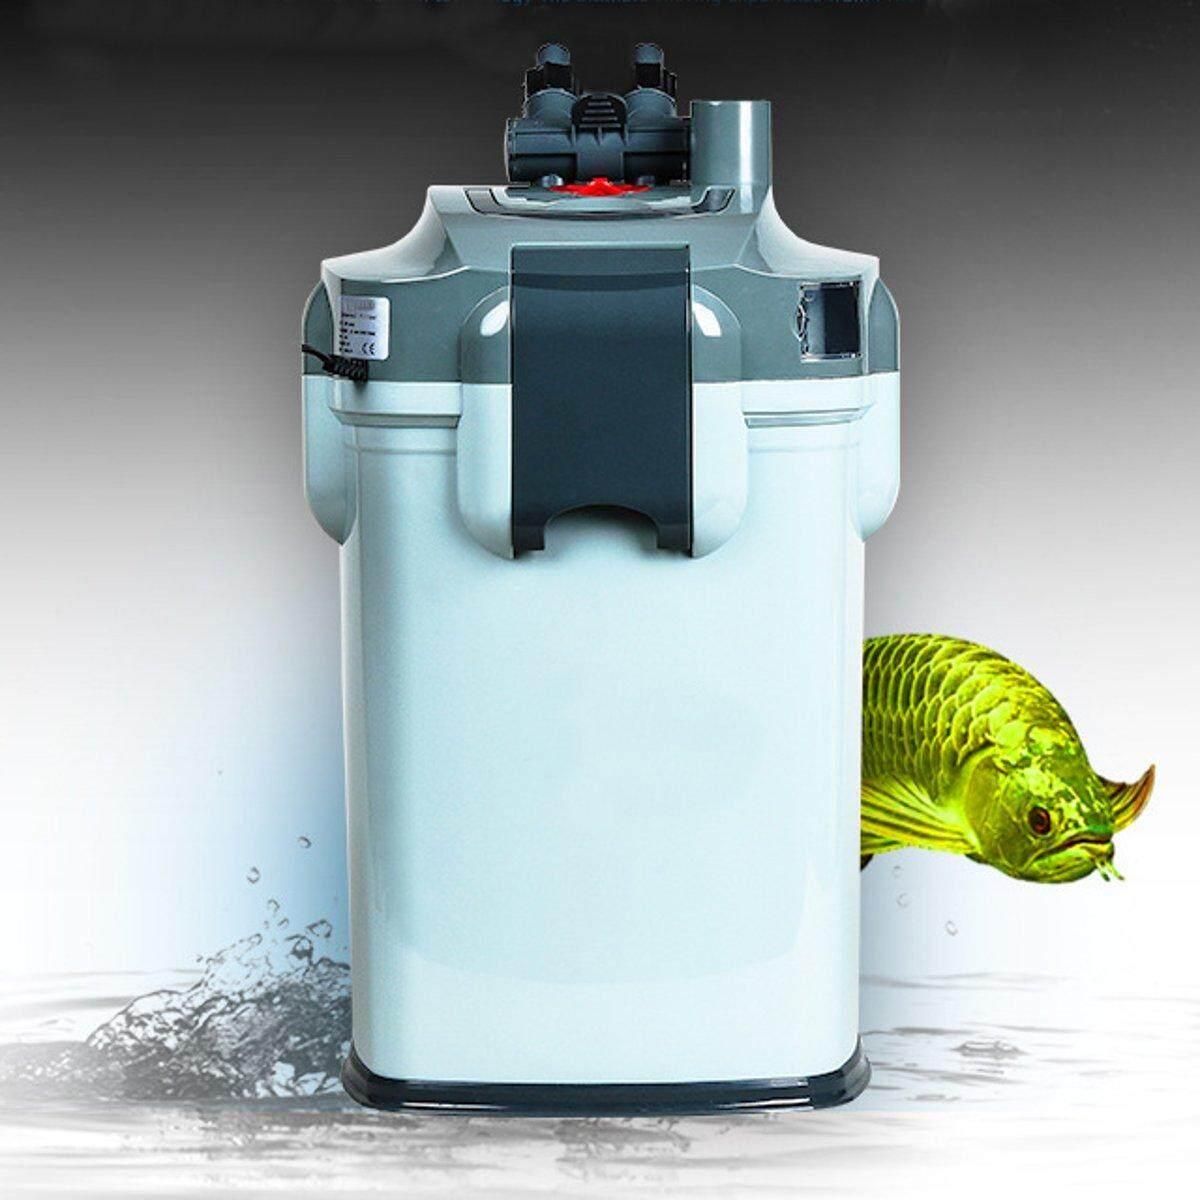 Biopro Eksternal Akuarium Tabung Tangki Ikan Aqua Filter Air 1200LPH Media- Intl - 2 .